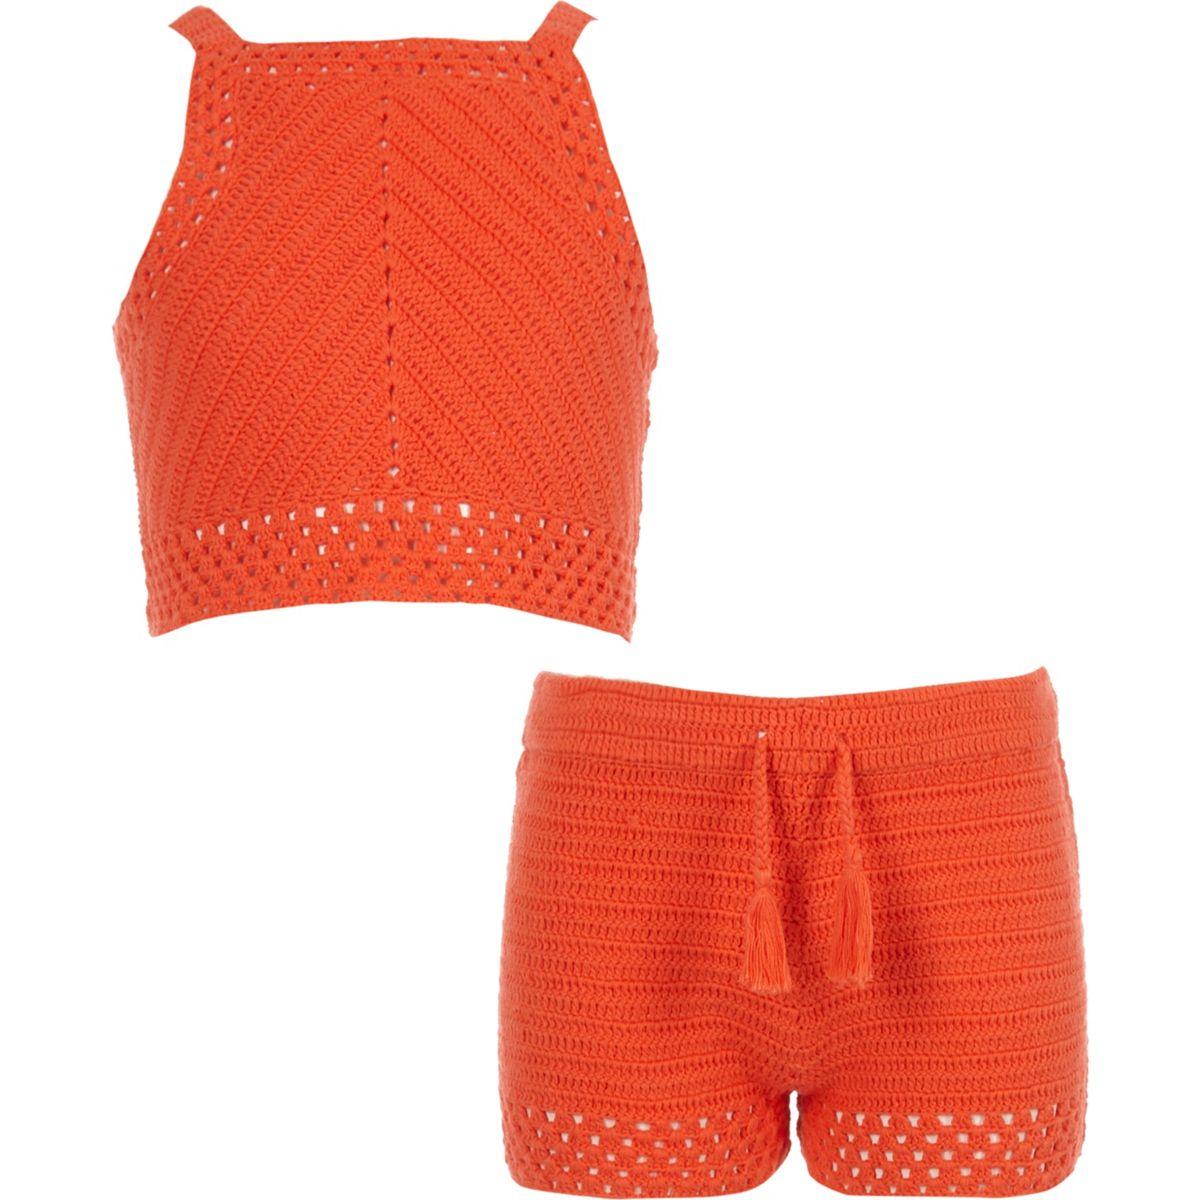 Ensemble avec short et top au crochet orange pour fille